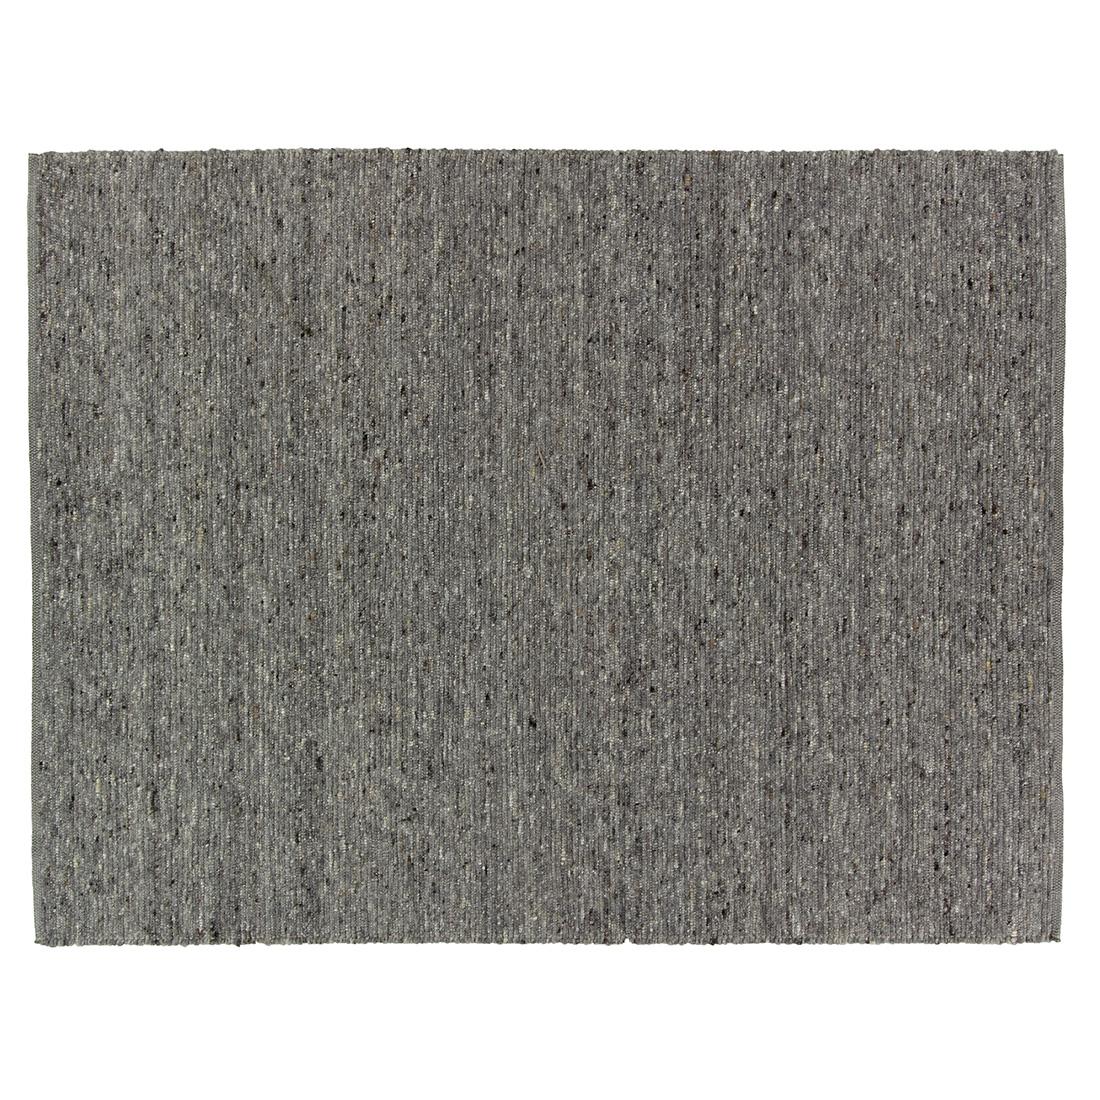 Vloerkleed Brinker Eslo 228 | 170 x 230 cm